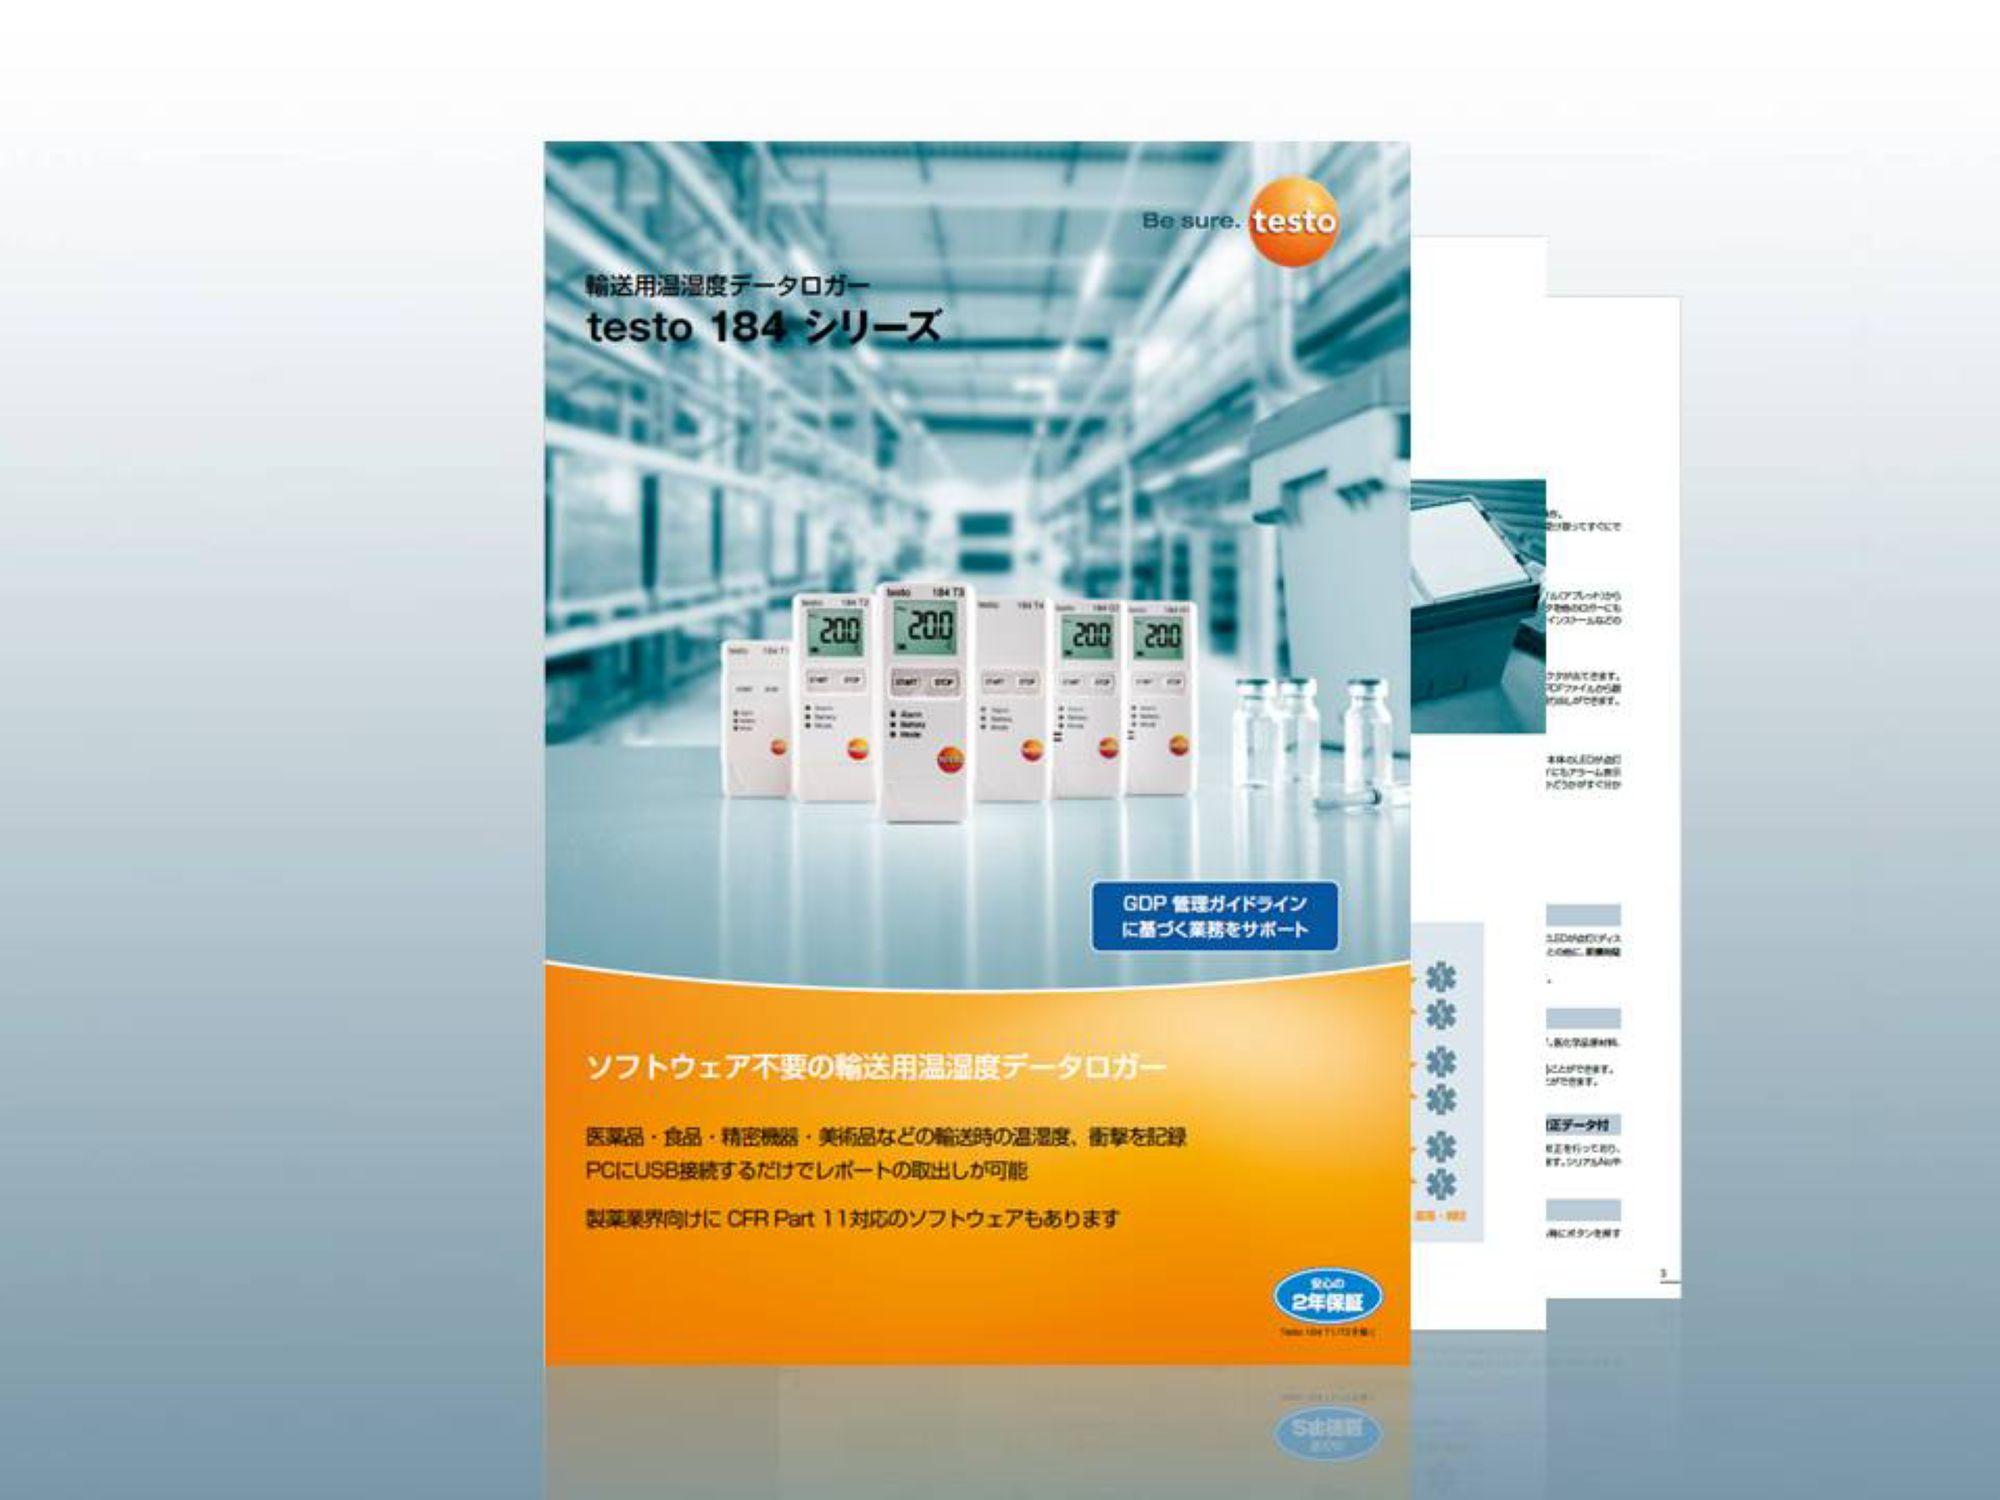 jp_catalog_testo 184_thumbnail.png